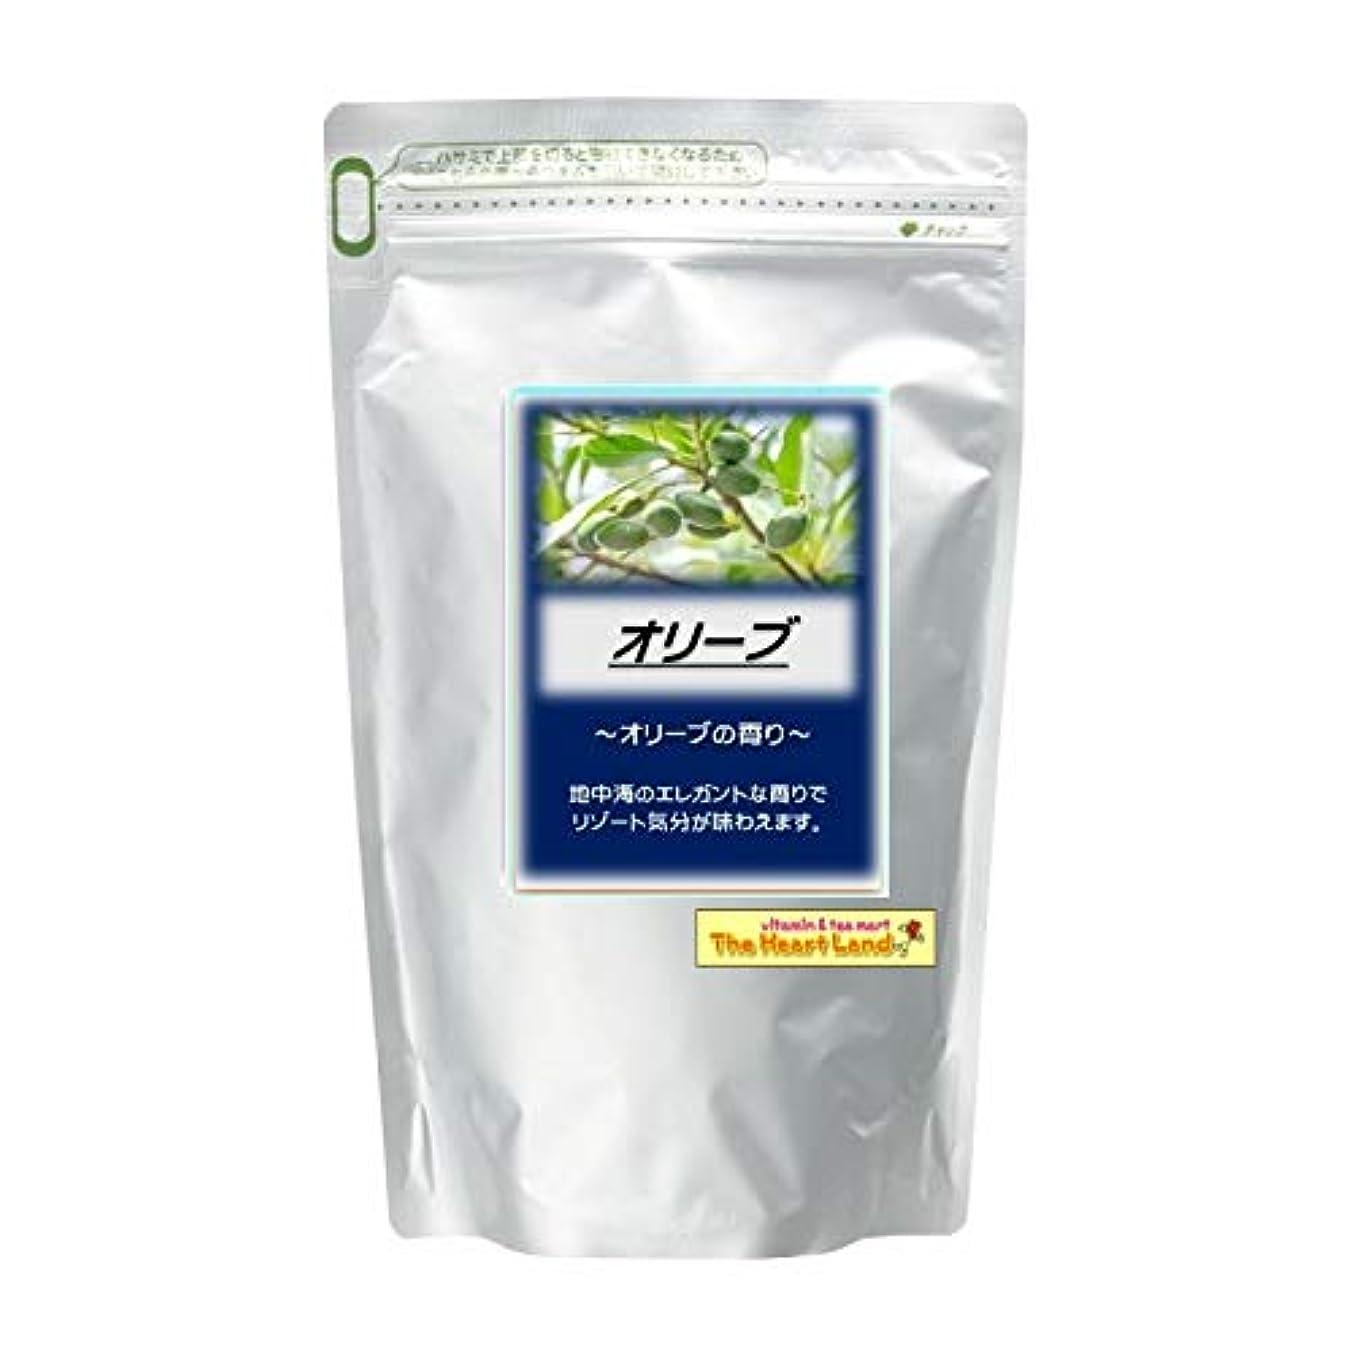 仕える生活閉塞アサヒ入浴剤 浴用入浴化粧品 オリーブ 2.5kg